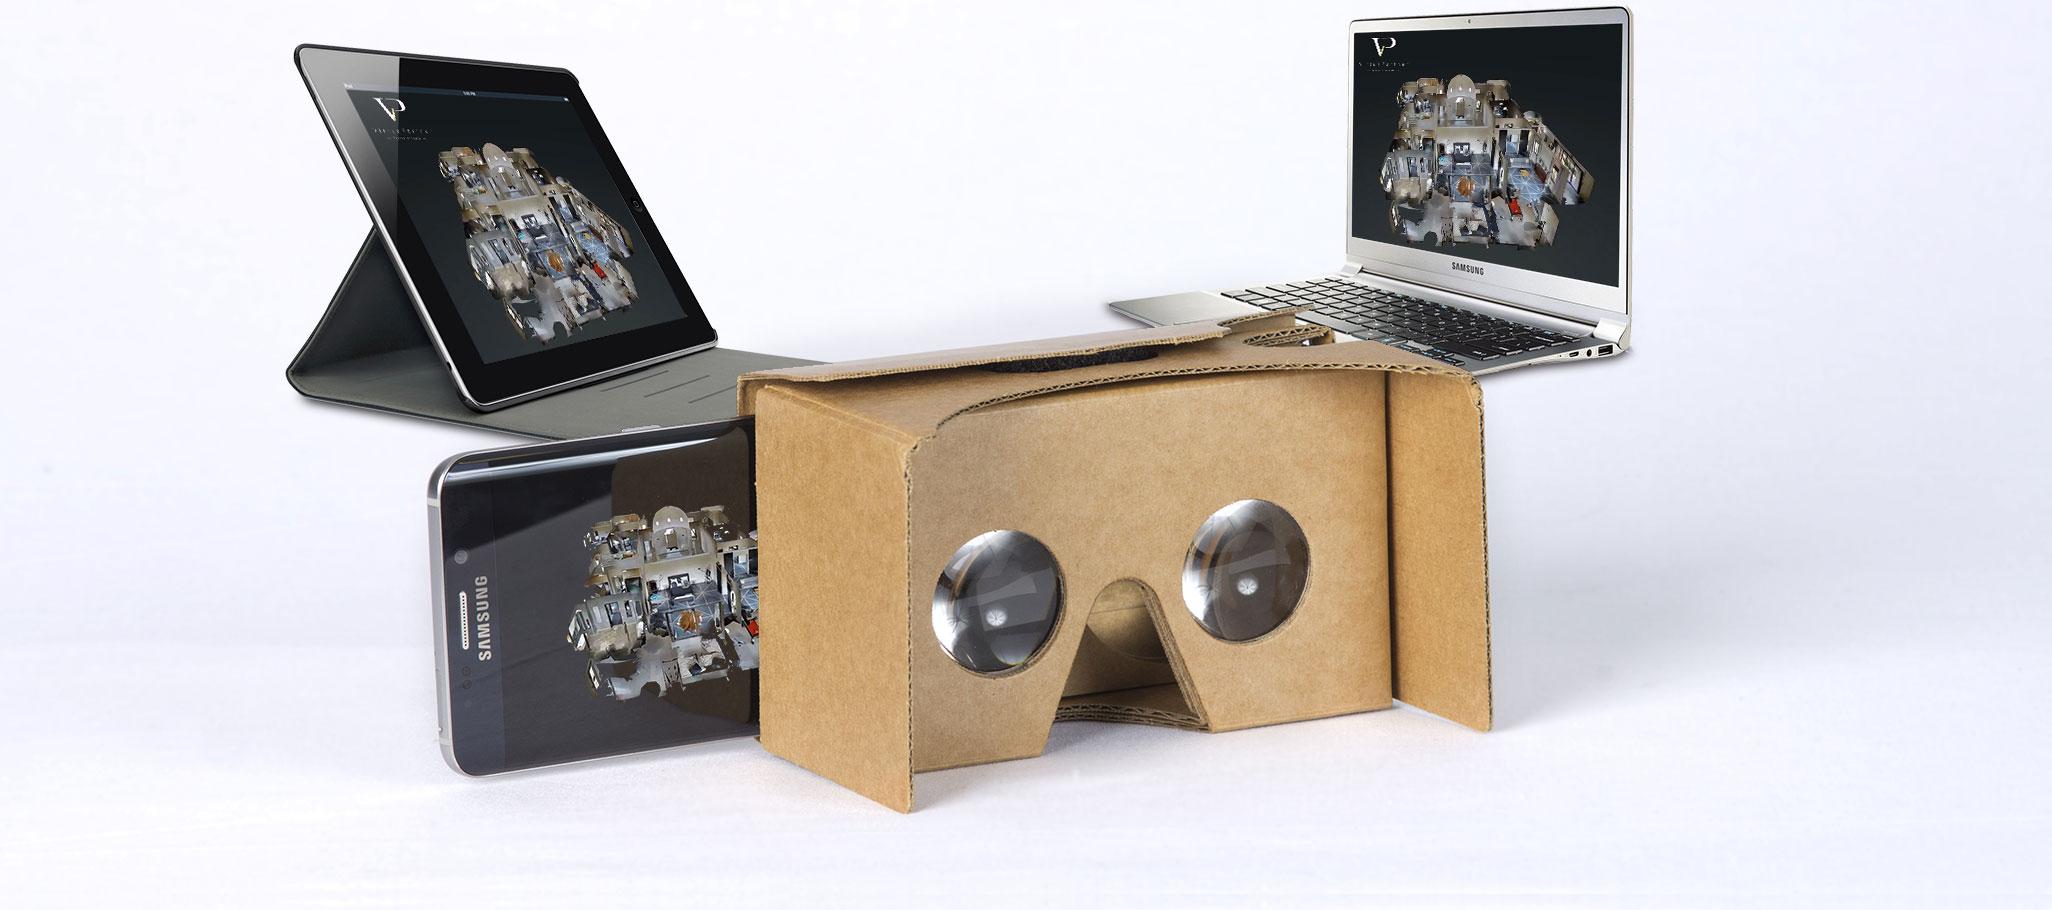 Virtuapartner - Agence innovante - Réalité Virtuelle - Immobilier